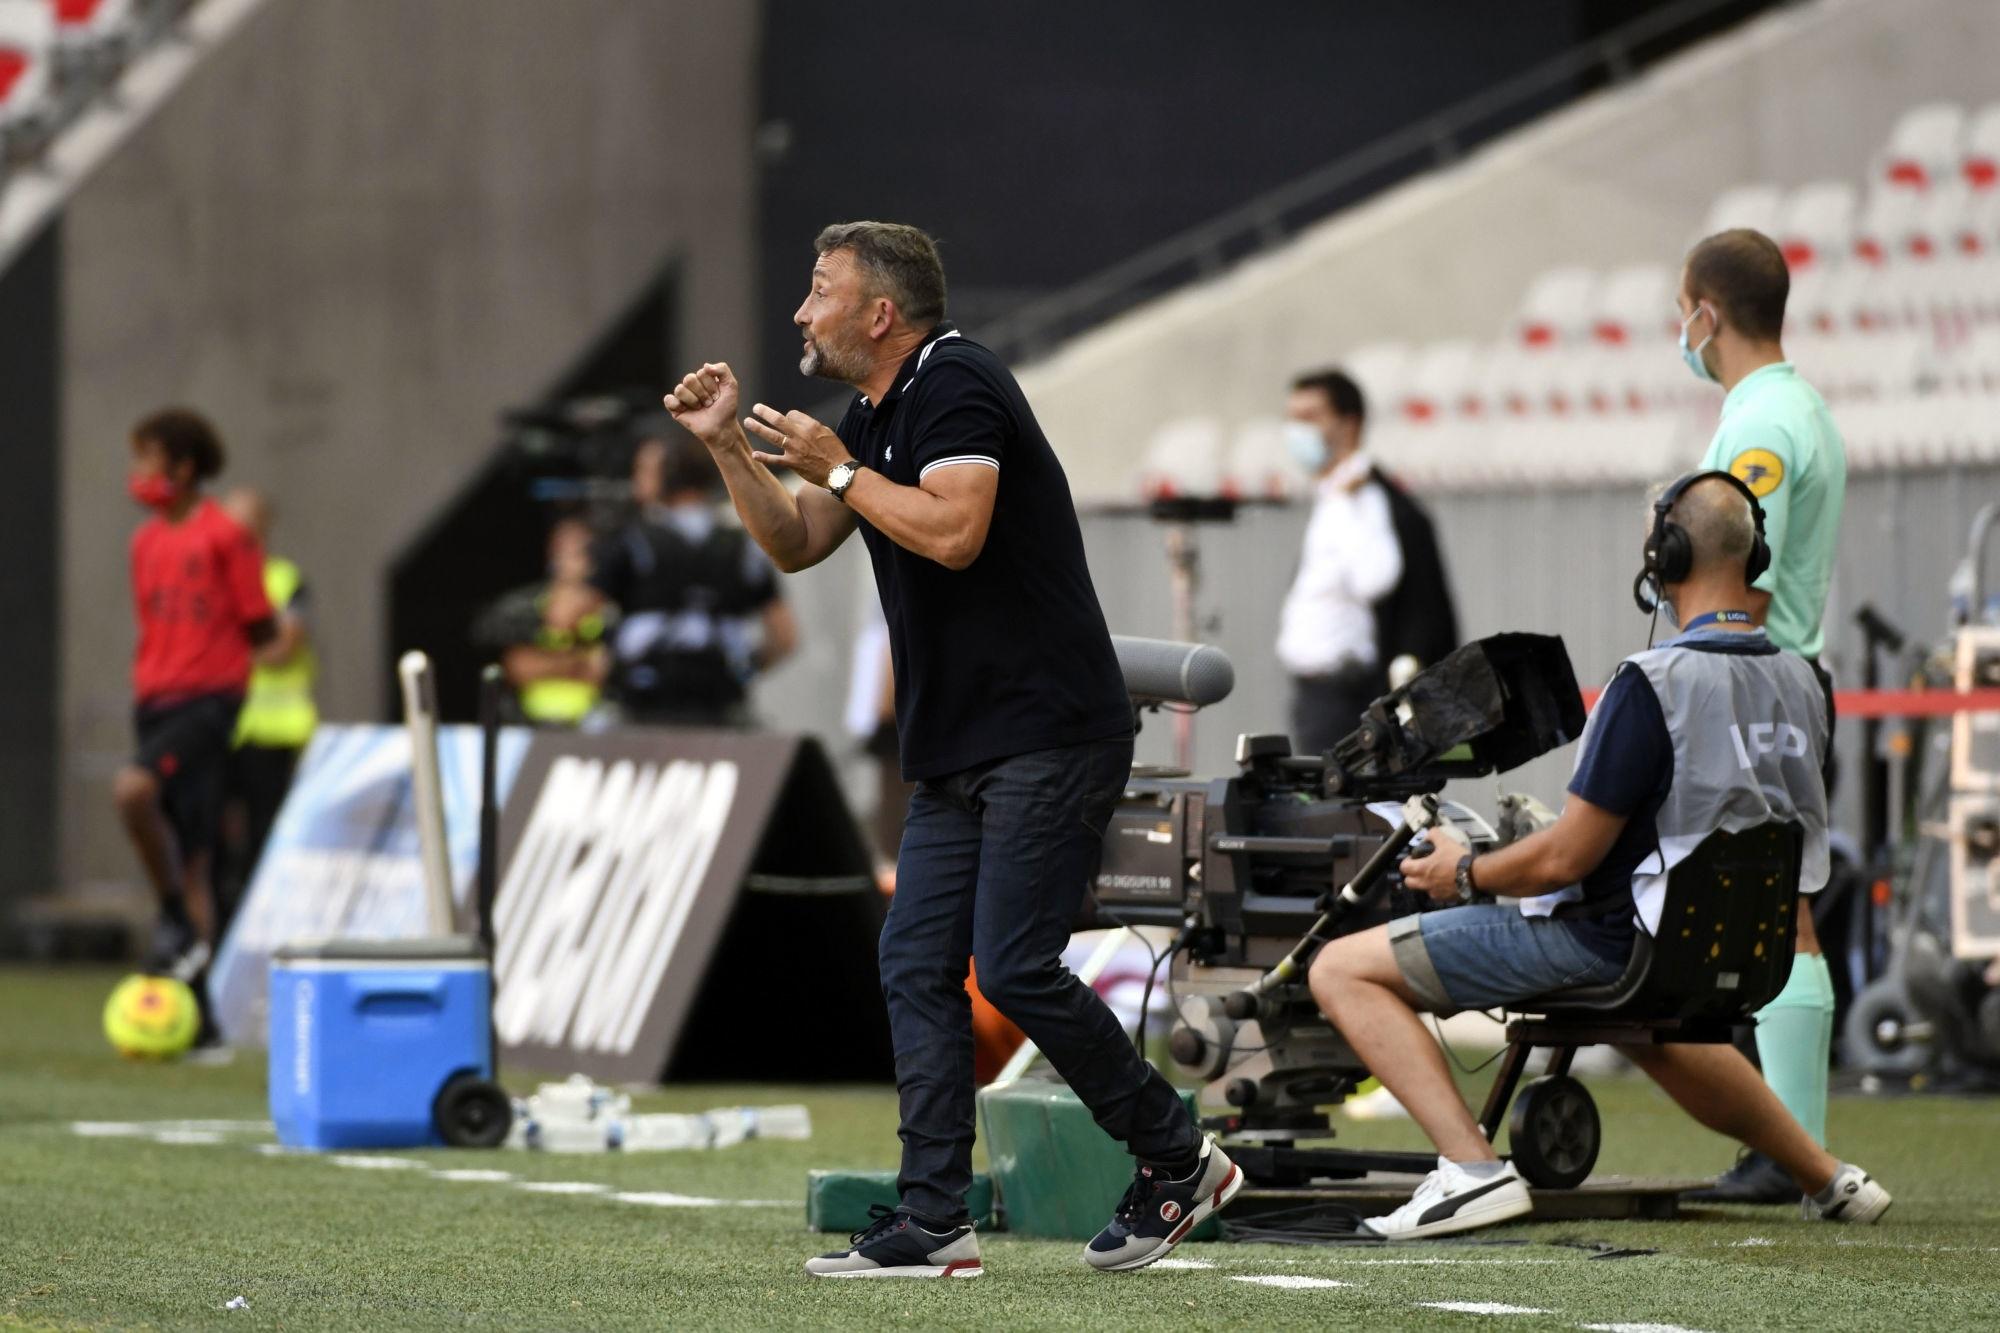 """Lens/PSG - Haise assure qu'il a """"refusé de reporter dans un premier temps"""""""